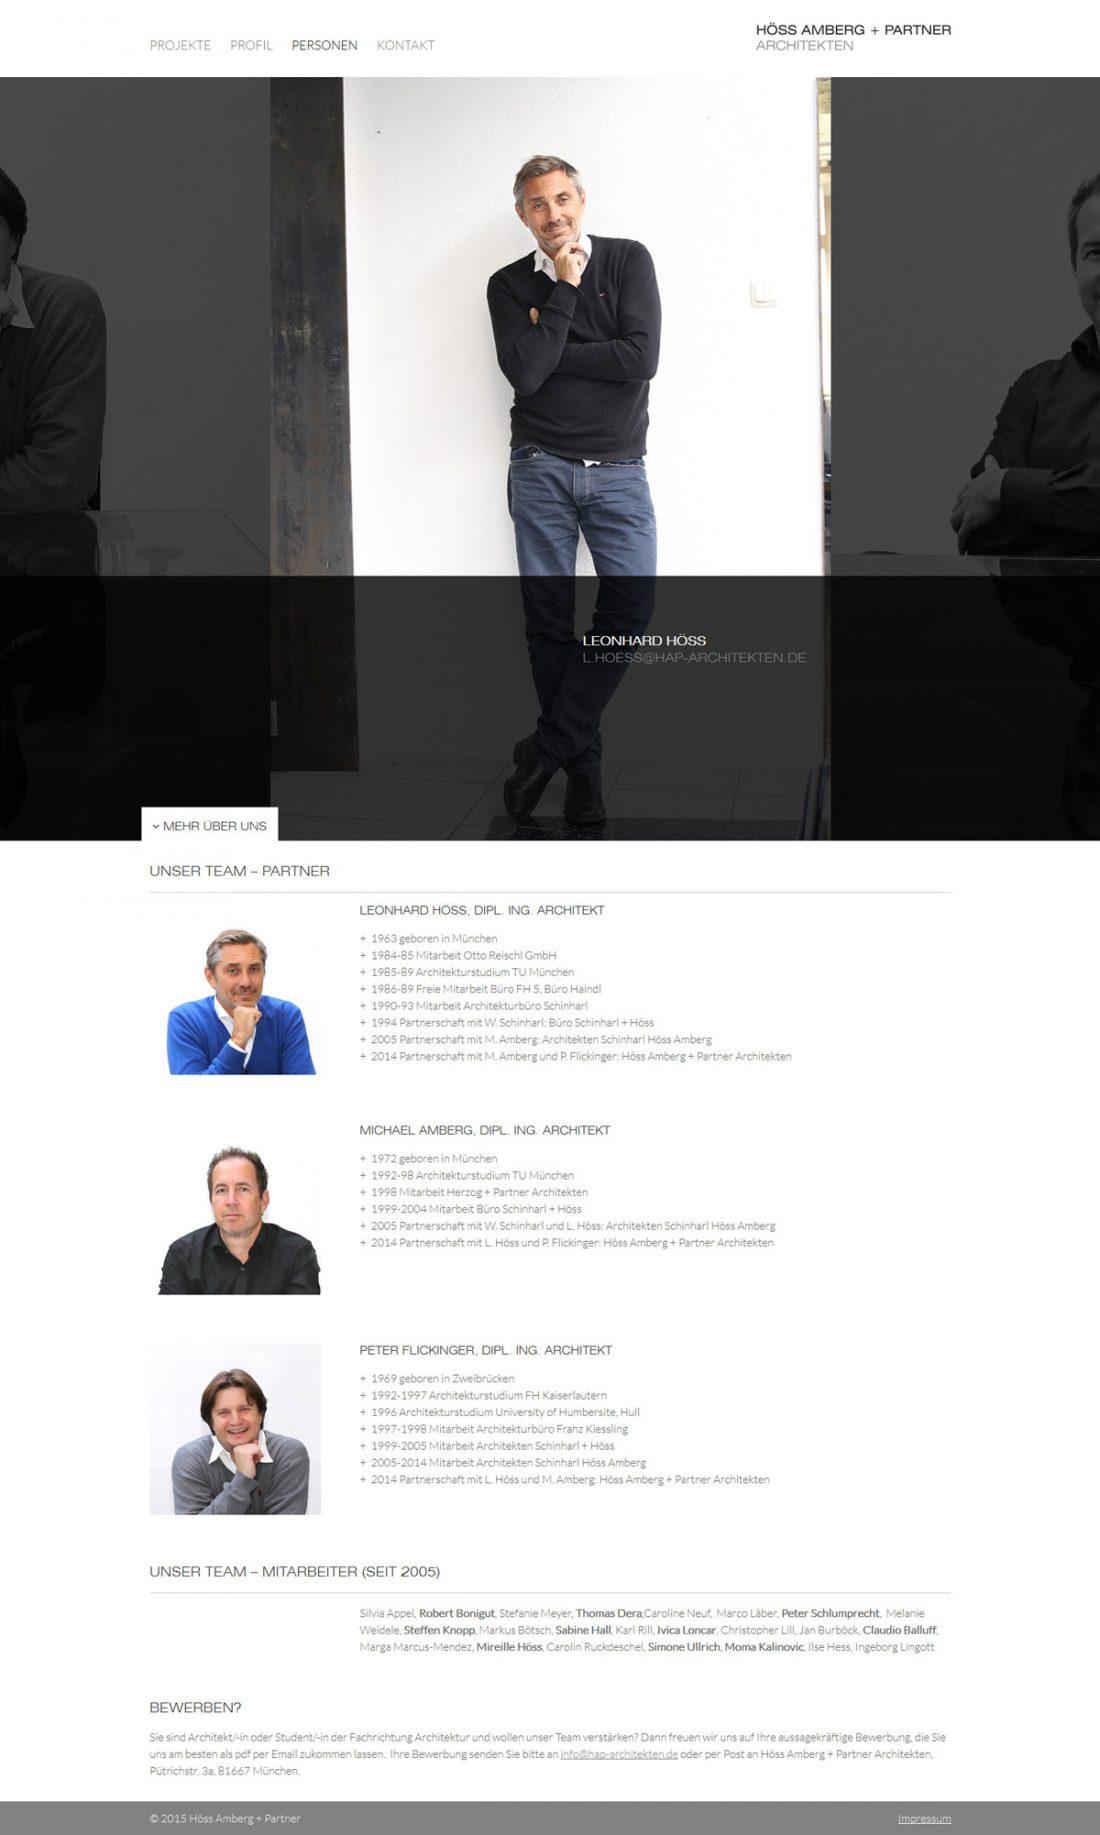 Screenshot Webseite Höss Amberg + Partner